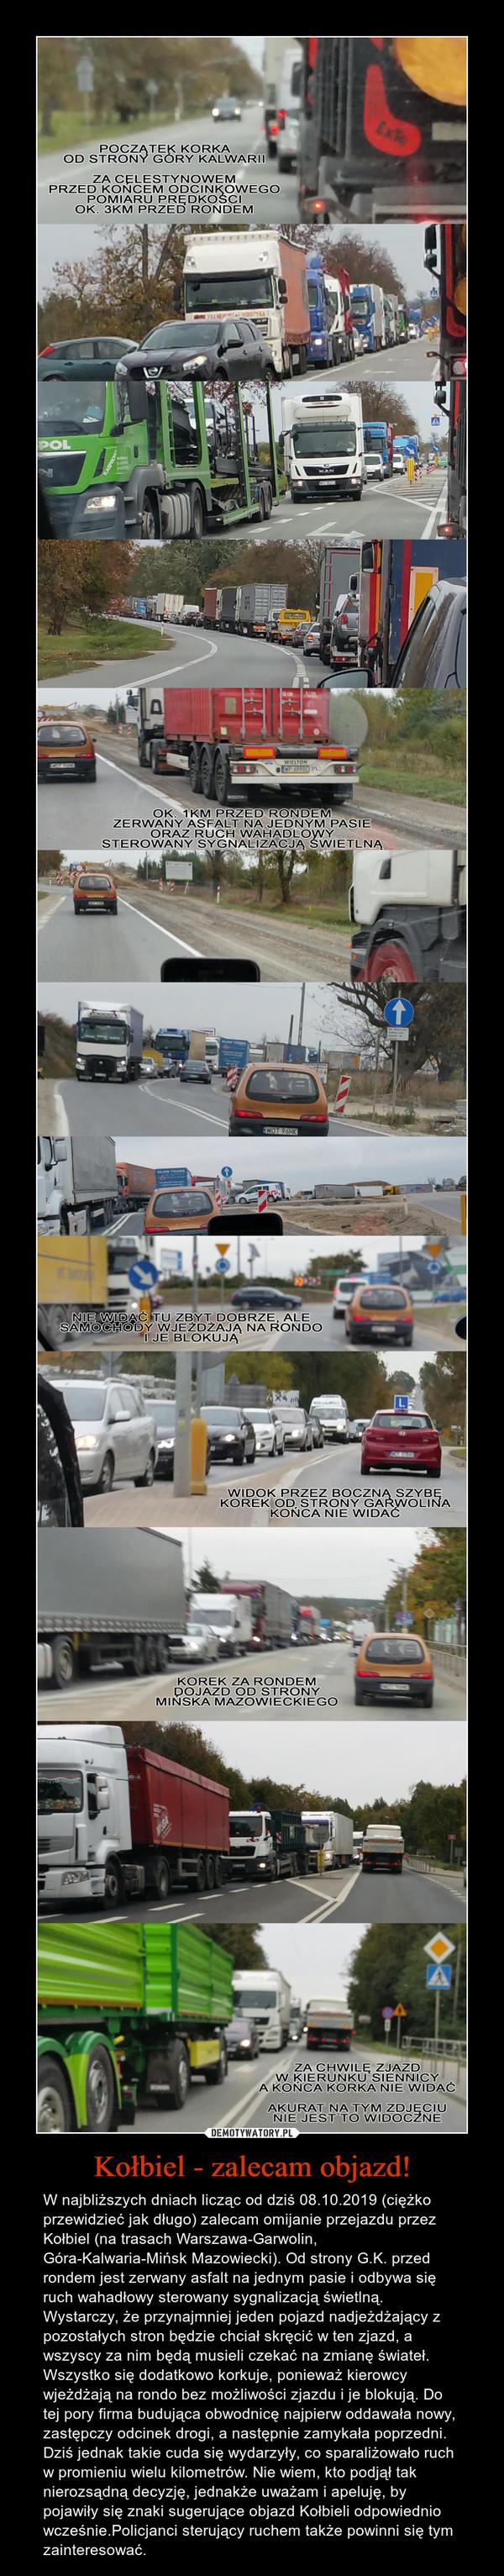 Kołbiel - zalecam objazd! – W najbliższych dniach licząc od dziś 08.10.2019 (ciężko przewidzieć jak długo) zalecam omijanie przejazdu przez Kołbiel (na trasach Warszawa-Garwolin, Góra-Kalwaria-Mińsk Mazowiecki). Od strony G.K. przed rondem jest zerwany asfalt na jednym pasie i odbywa się ruch wahadłowy sterowany sygnalizacją świetlną. Wystarczy, że przynajmniej jeden pojazd nadjeżdżający z pozostałych stron będzie chciał skręcić w ten zjazd, a wszyscy za nim będą musieli czekać na zmianę świateł. Wszystko się dodatkowo korkuje, ponieważ kierowcy wjeżdżają na rondo bez możliwości zjazdu i je blokują. Do tej pory firma budująca obwodnicę najpierw oddawała nowy, zastępczy odcinek drogi, a następnie zamykała poprzedni. Dziś jednak takie cuda się wydarzyły, co sparaliżowało ruch w promieniu wielu kilometrów. Nie wiem, kto podjął tak nierozsądną decyzję, jednakże uważam i apeluję, by pojawiły się znaki sugerujące objazd Kołbieli odpowiednio wcześnie.Policjanci sterujący ruchem także powinni się tym zainteresować.